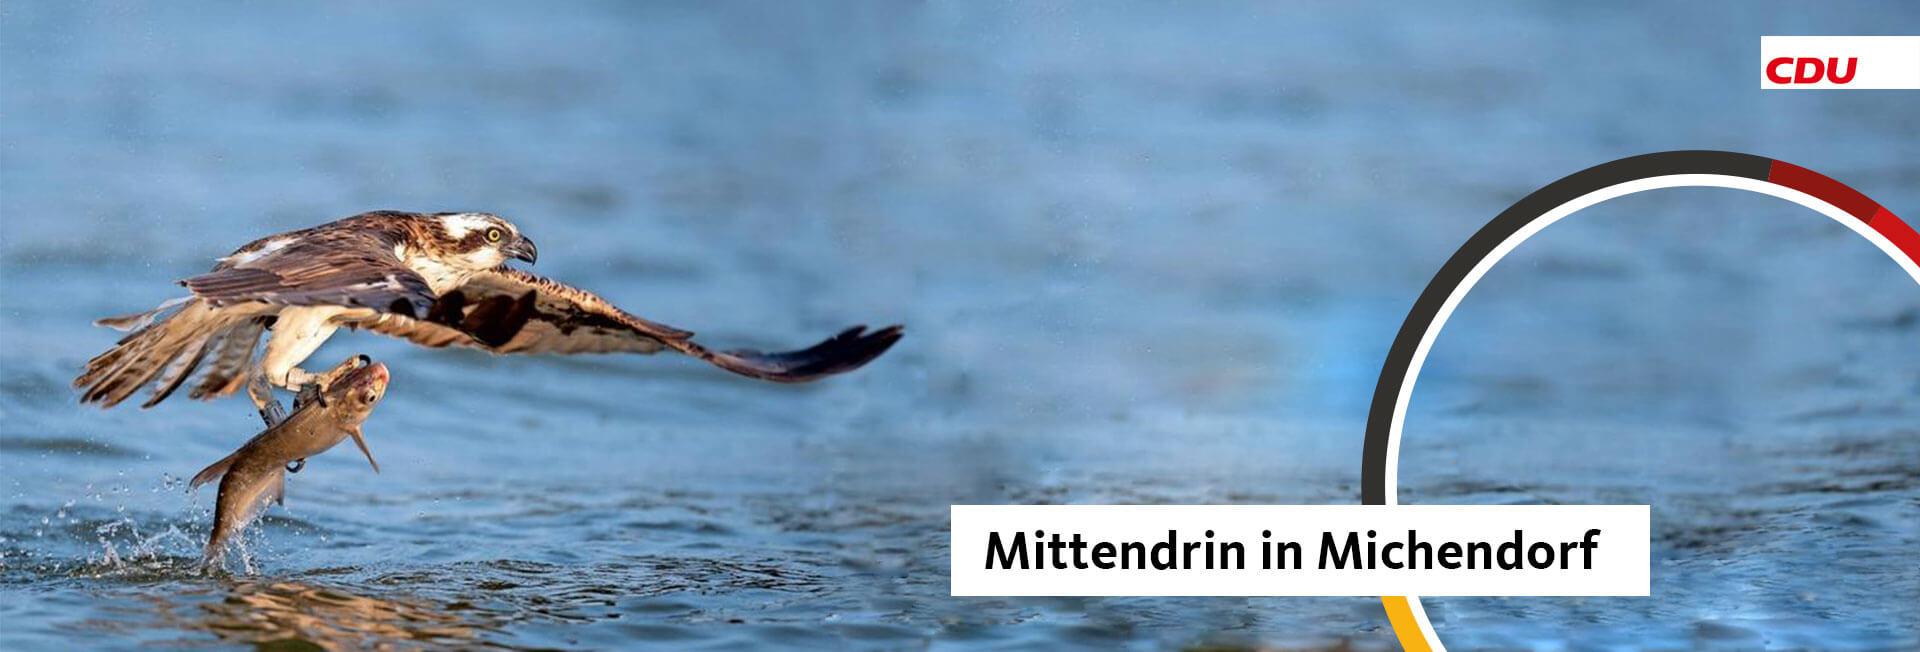 Mein Wahlkreis - Michendorf